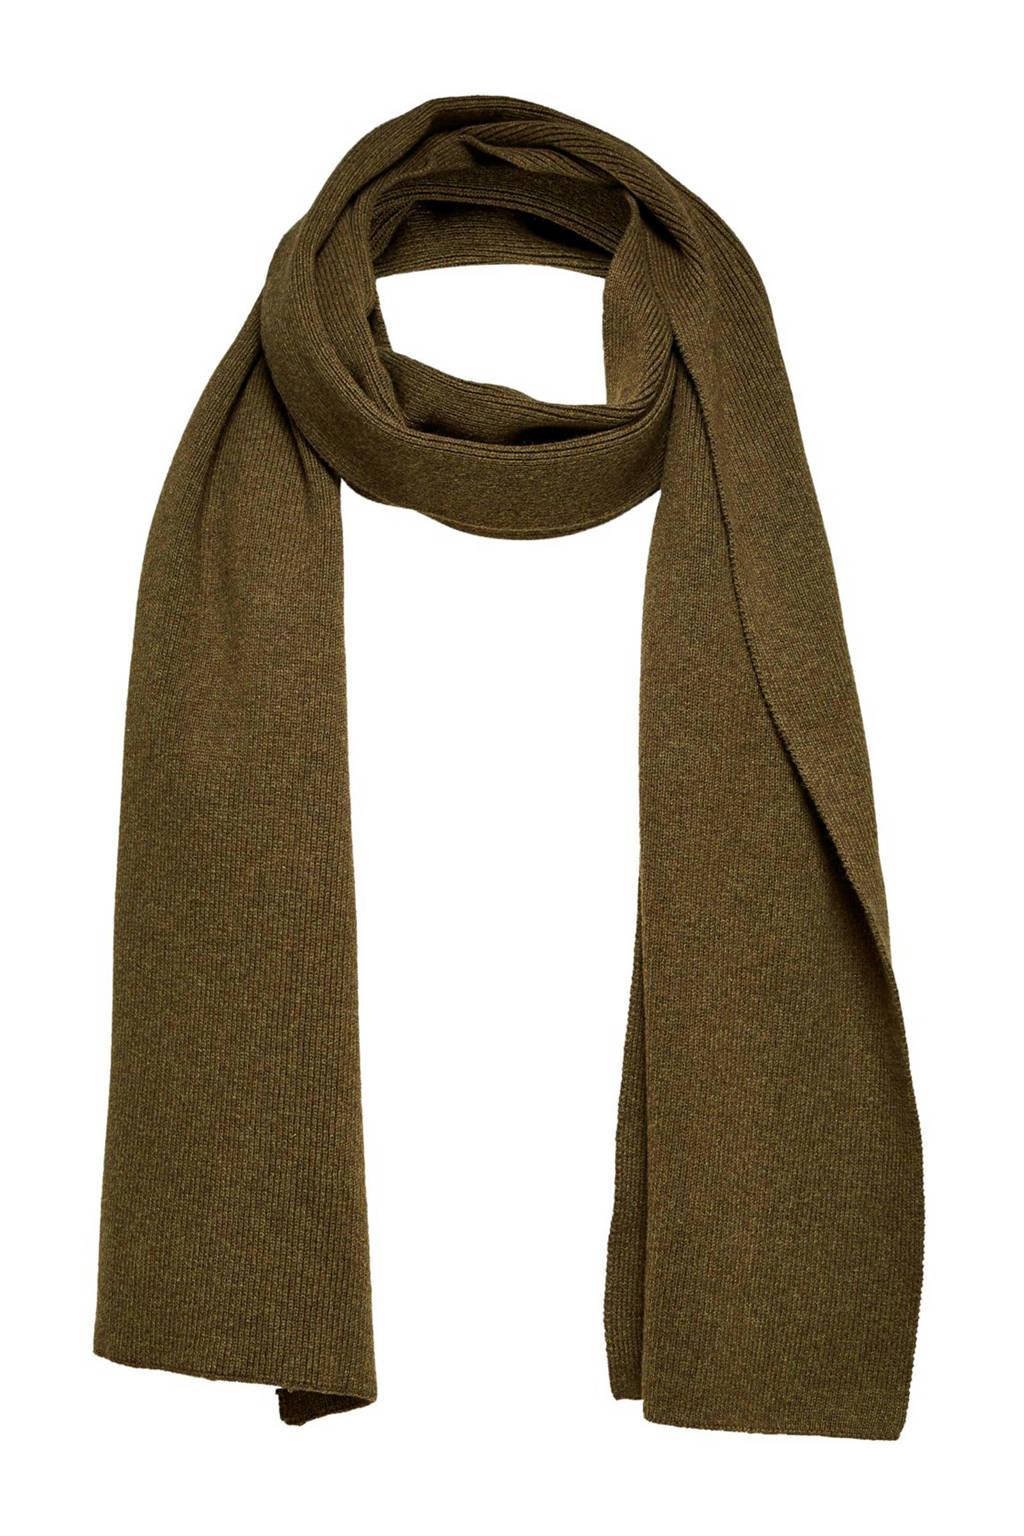 SELECTED HOMME sjaal Leth olijfgroen, Olijfgroen